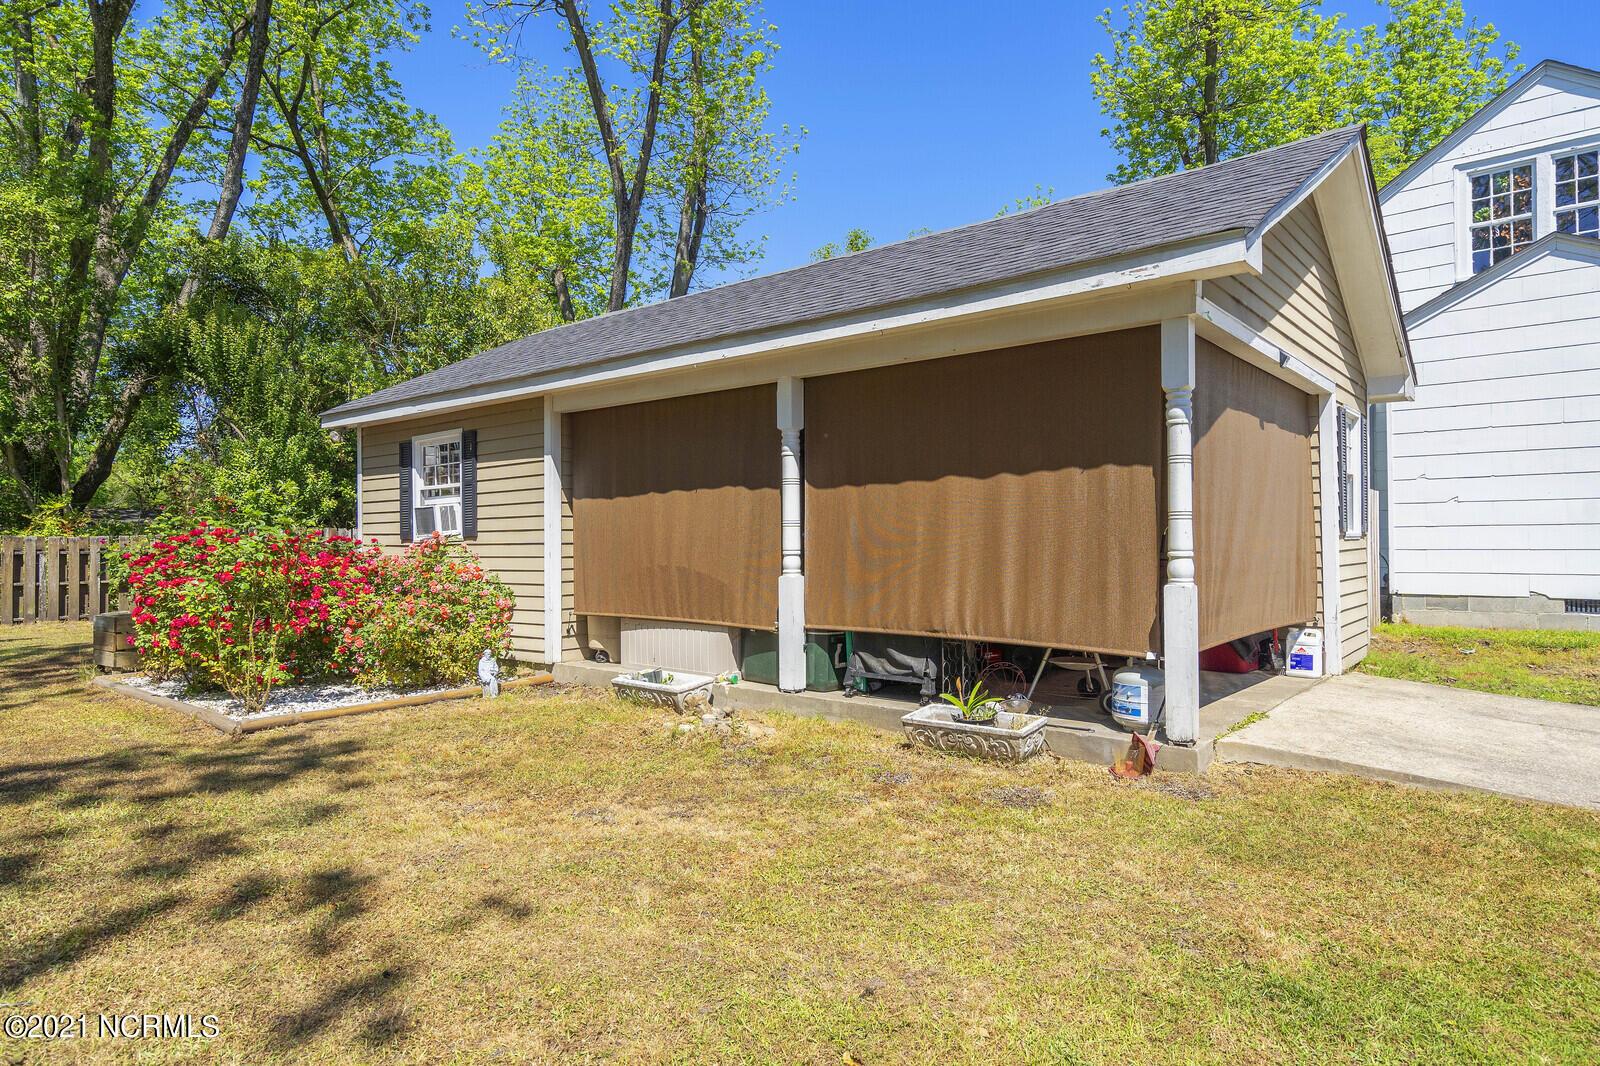 907 Smyrna Drive, Whiteville, North Carolina 28472, 5 Bedrooms Bedrooms, 9 Rooms Rooms,3 BathroomsBathrooms,Single family residence,For sale,Smyrna,100268629